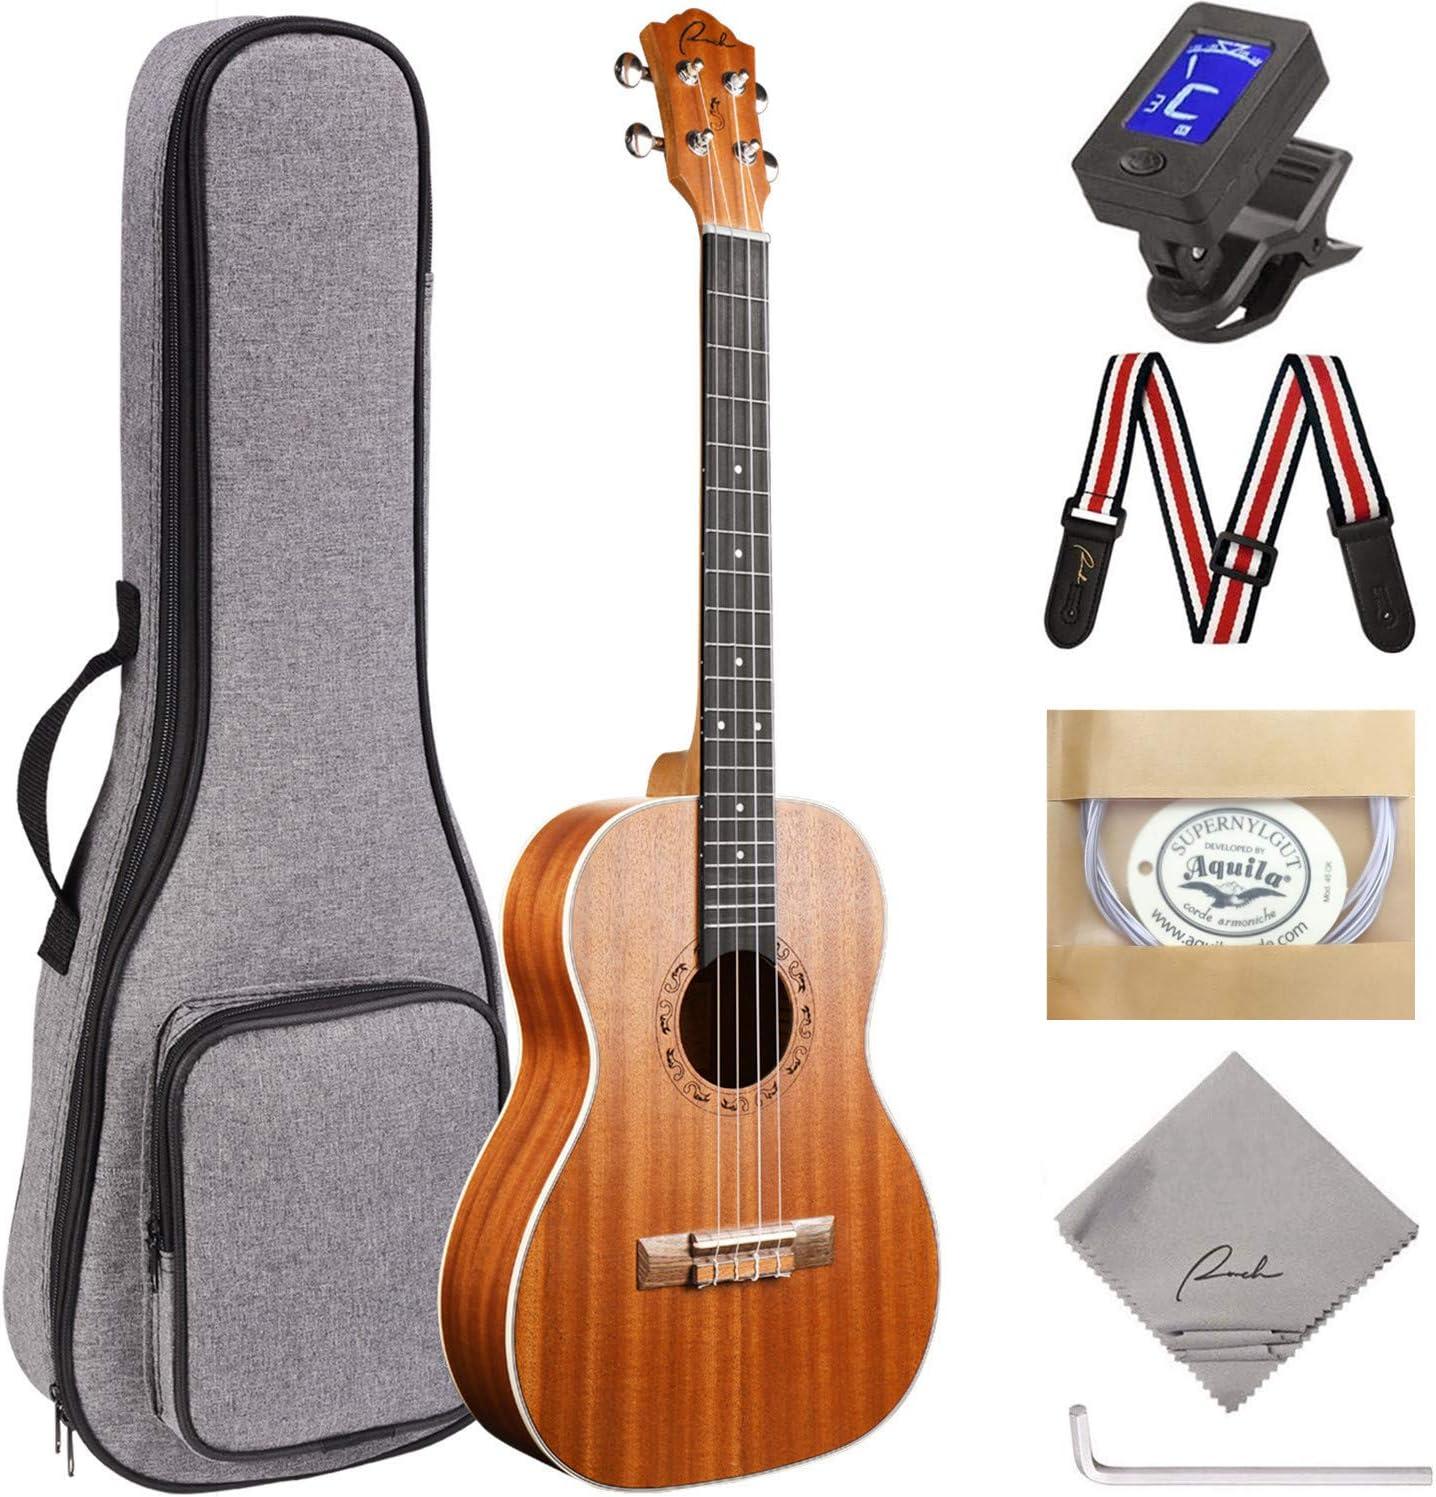 Ranch Baritone Ukulele 30 inch Instrument K Regular High quality new discount Professional ukelele